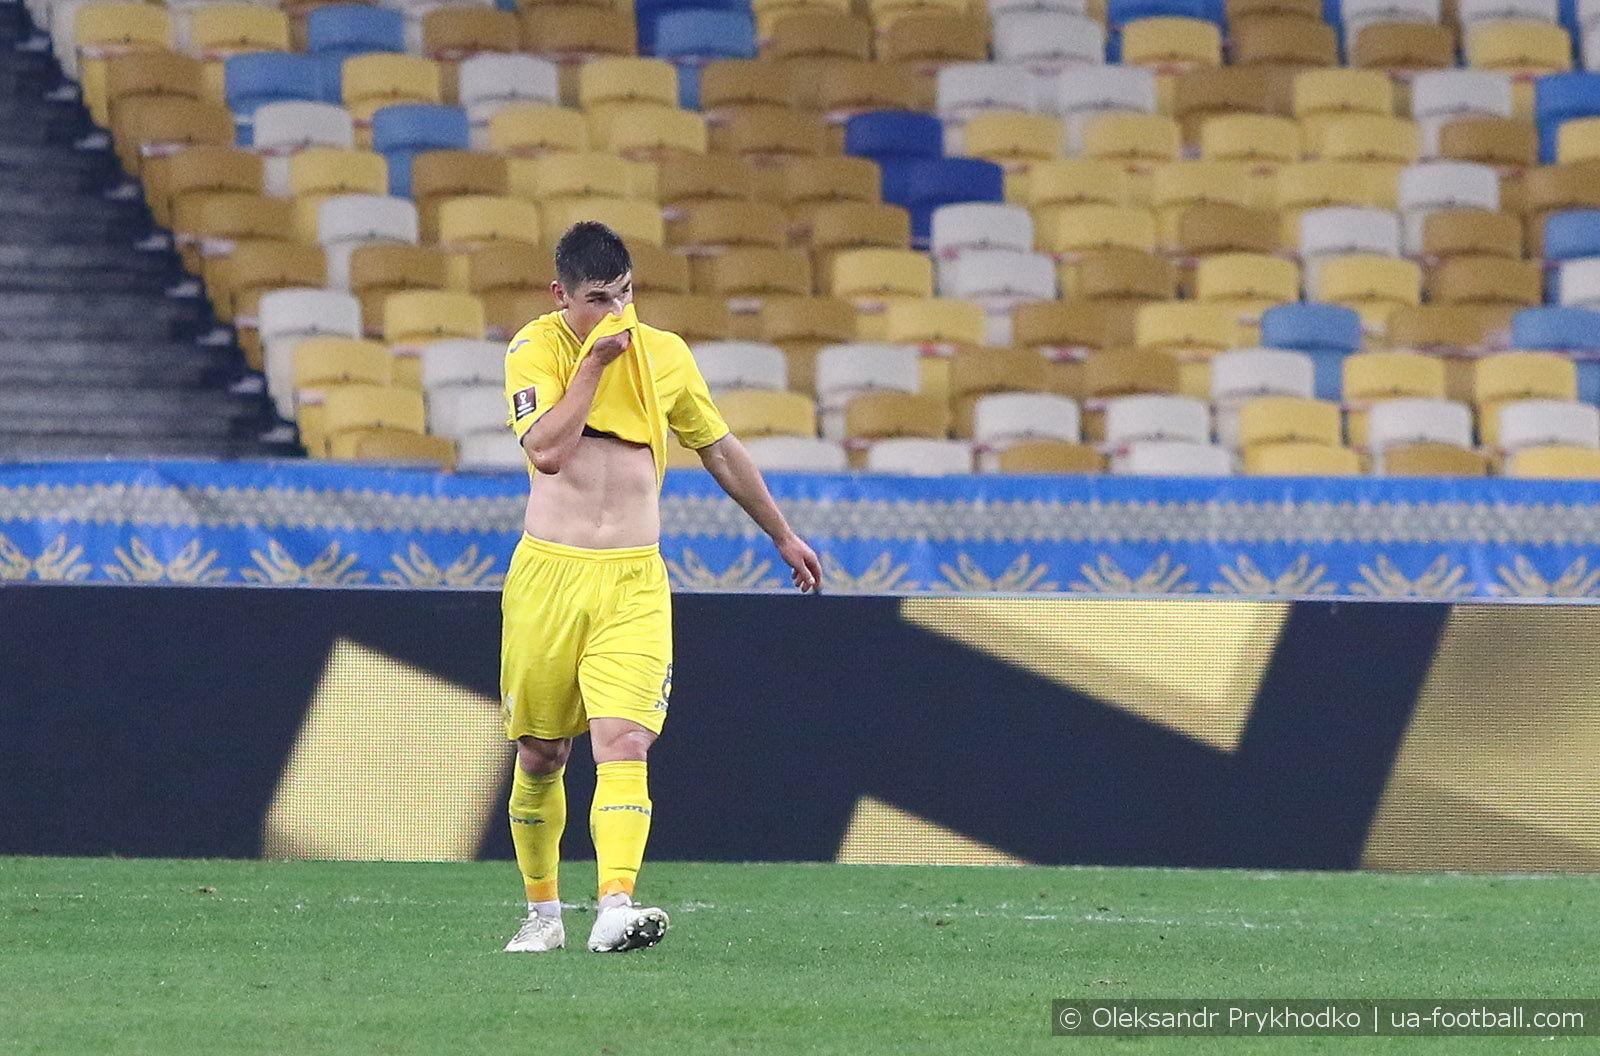 Количество, но не качество. Спарринги сборной Украины оказались малоинформативными - изображение 3